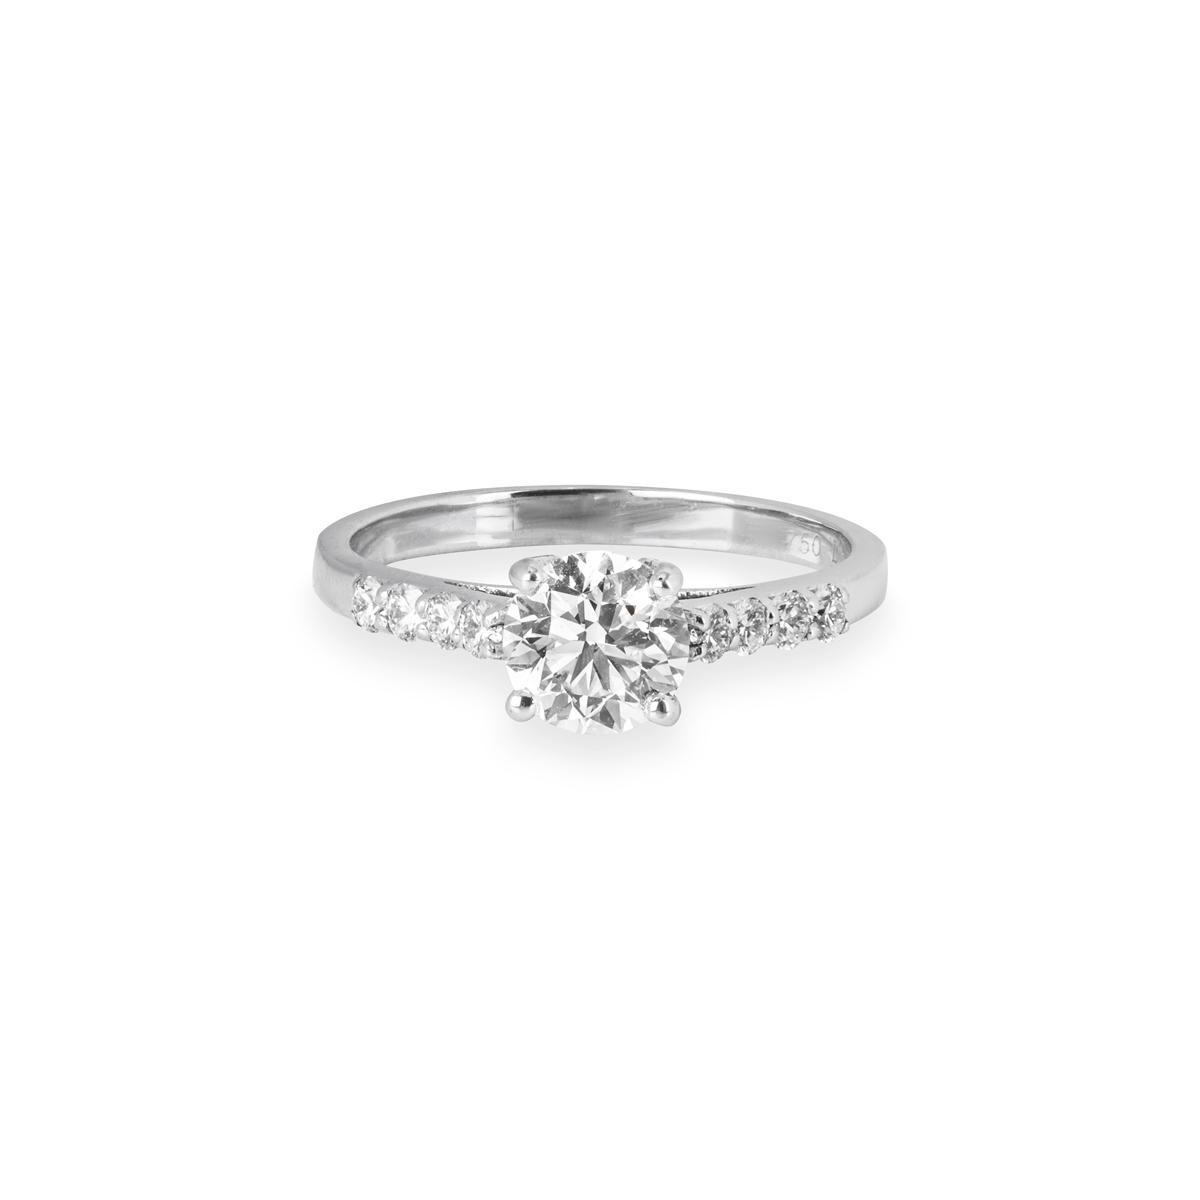 18k White Gold Round Brilliant Cut Diamond Ring 0.94ct H-I/VS1